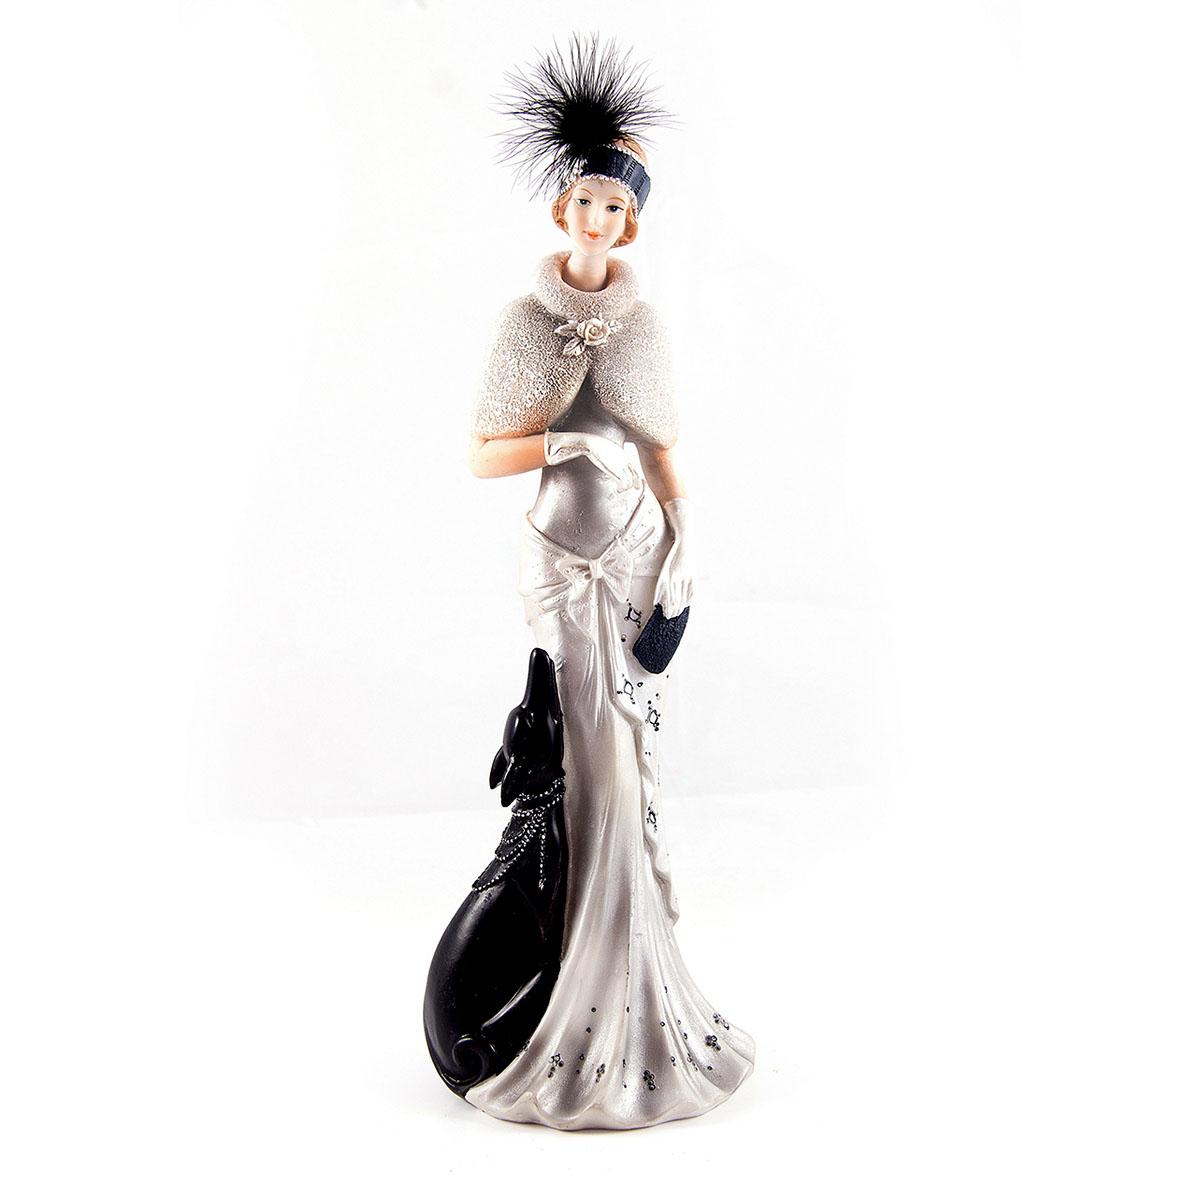 Статуэтка Русские Подарки Мисс Рандеву, 11 х 10 х 31 см27651Статуэтка Русские Подарки Мисс Рандеву, изготовленная изполистоуна, имеет изысканный внешний вид. Изделие станет прекрасным украшением интерьерагостиной, офиса или дома. Вы можете поставить статуэтку влюбое место, где она будет удачно смотреться и радоватьглаз. Правила ухода: регулярно вытирать пыль сухой, мягкой тканью.